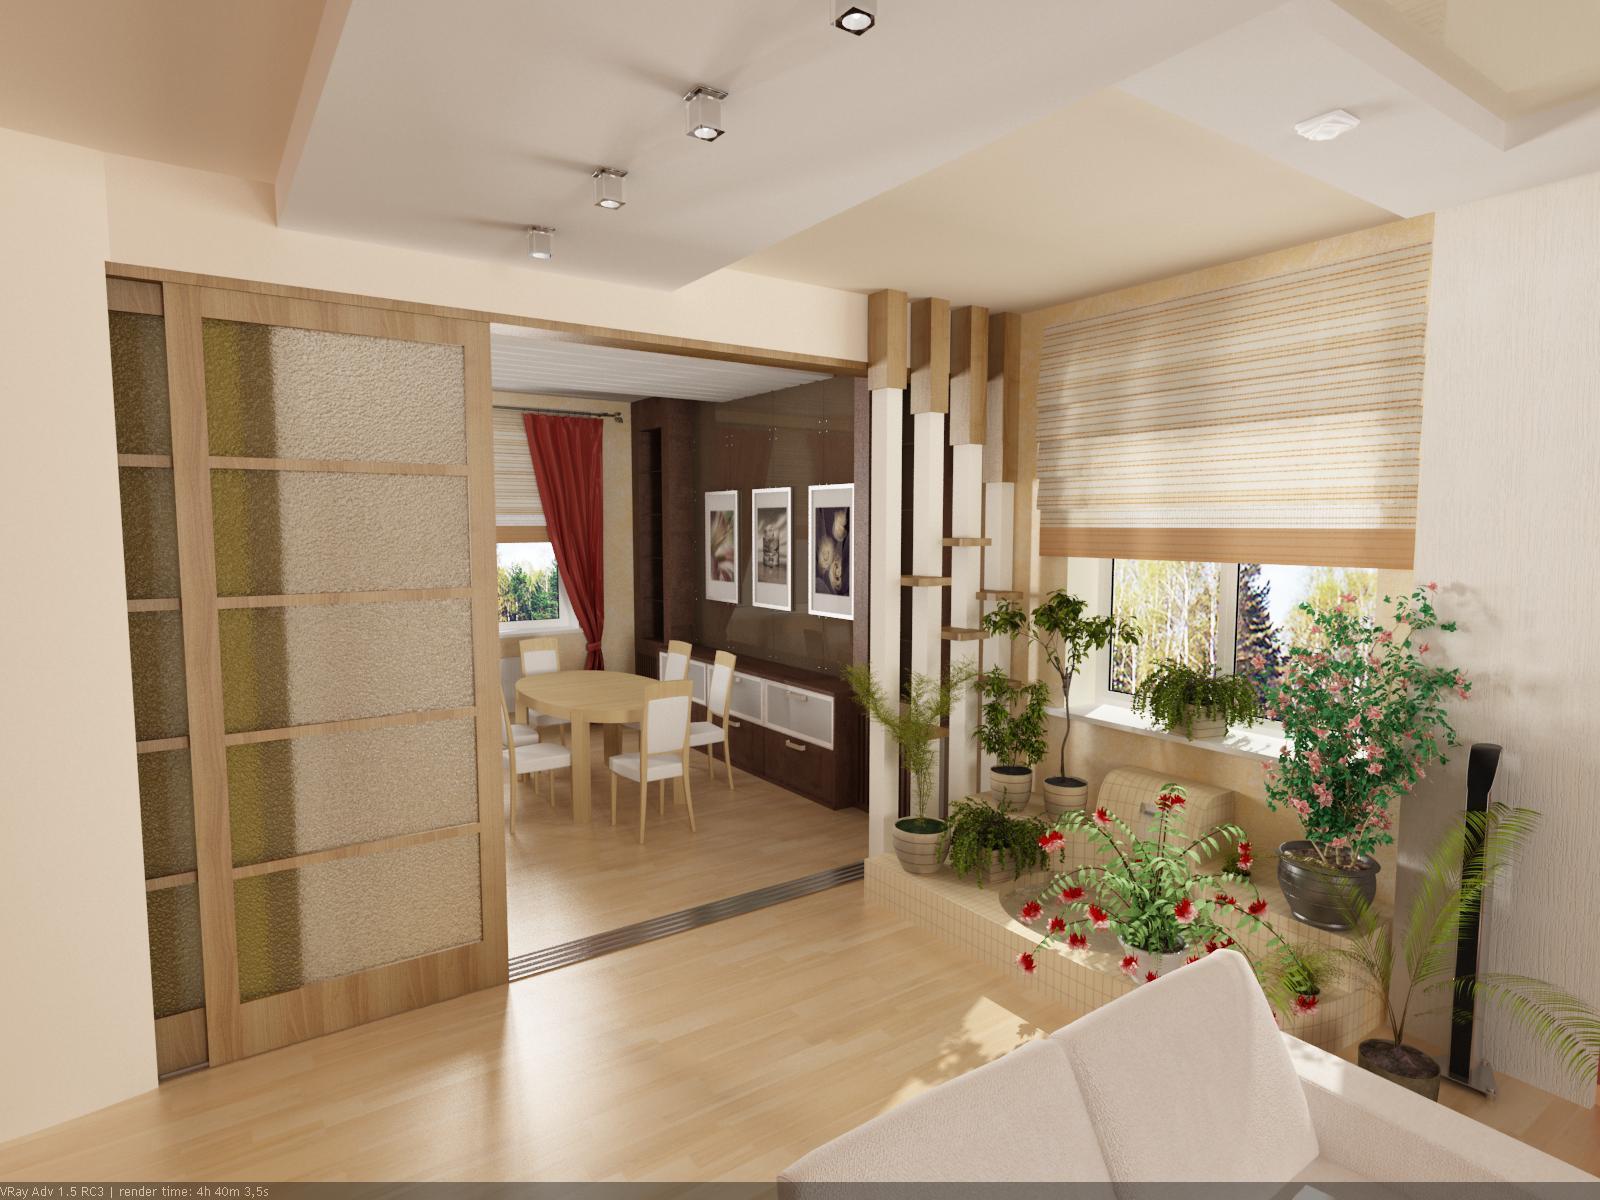 Создаем модный дизайн кухни совмещенной с гостиной - 35 фото.